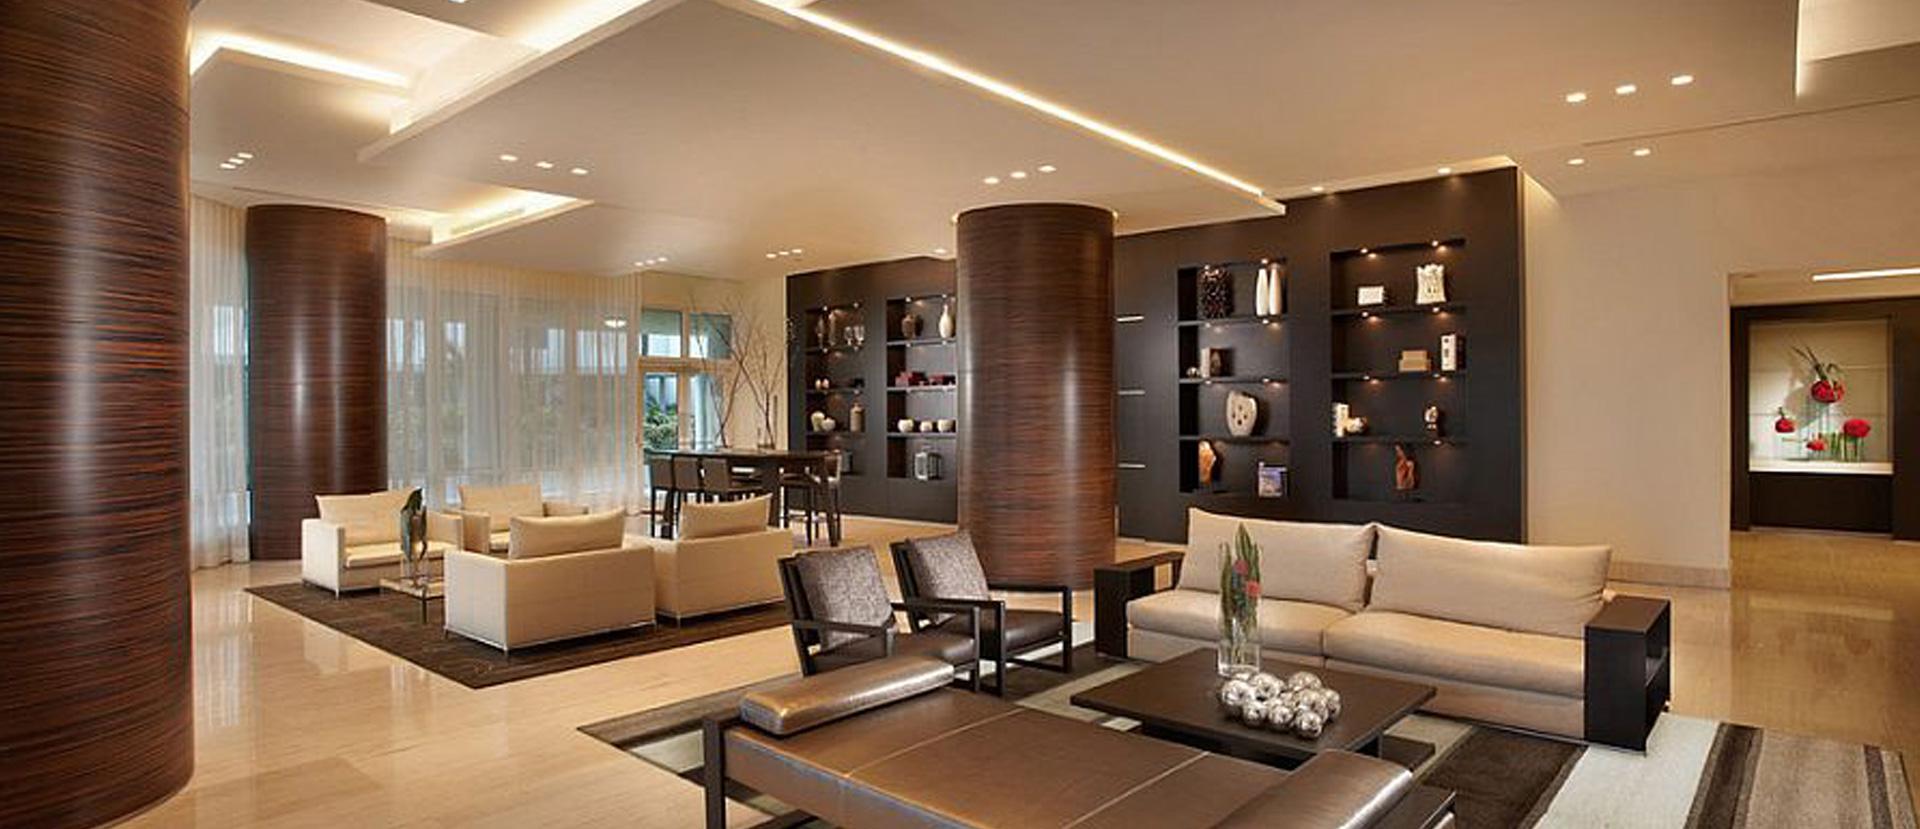 Interior Designers in Hyderabad, Best Interior Designers ...